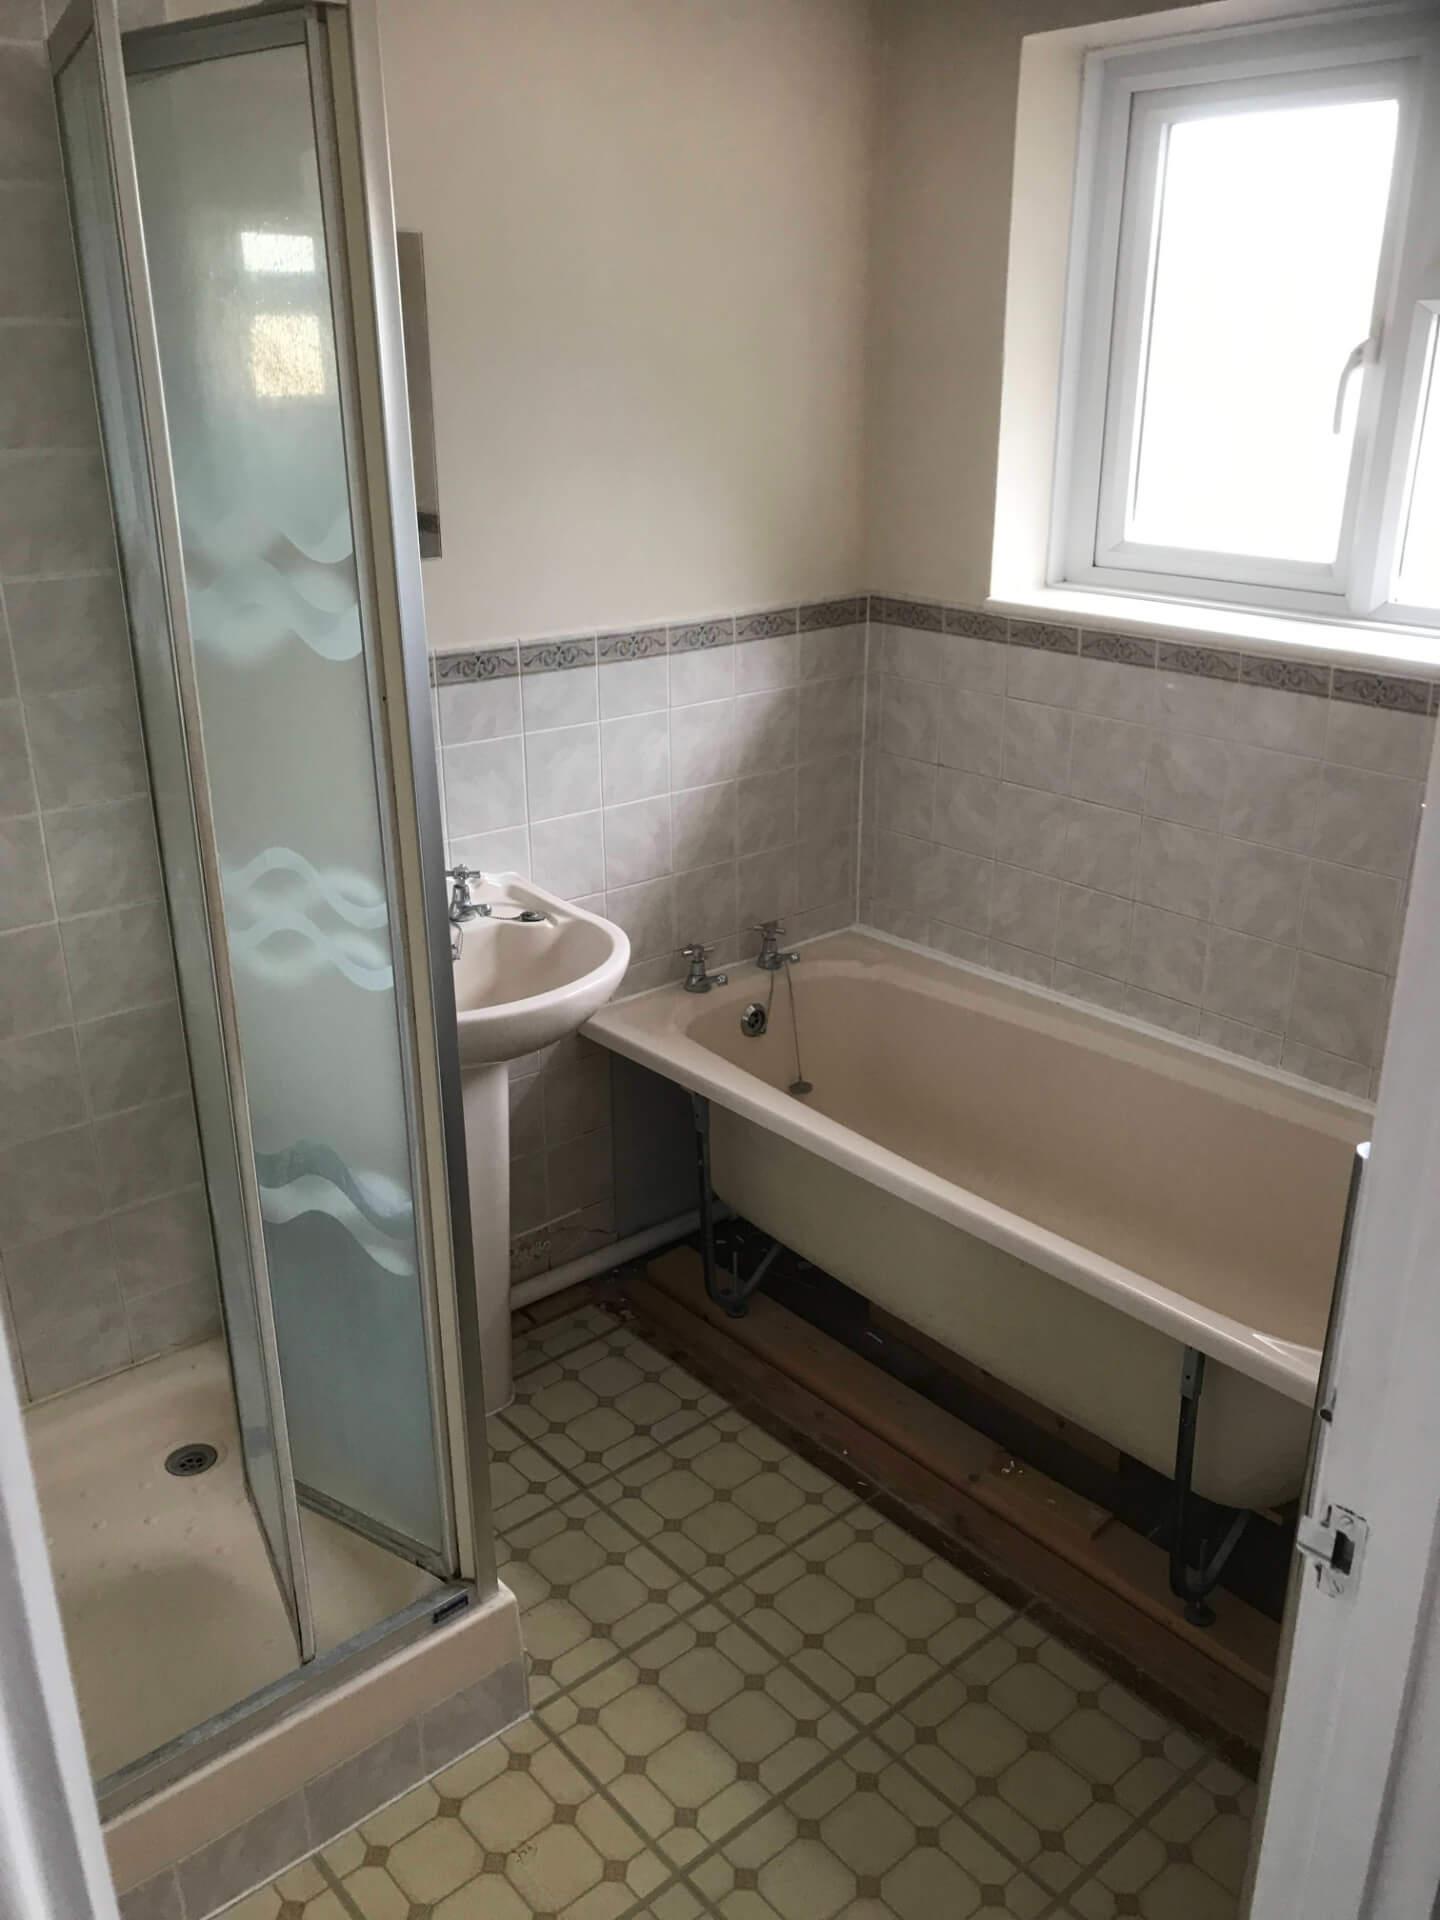 New Bathroom Bathtub Unit Mounting